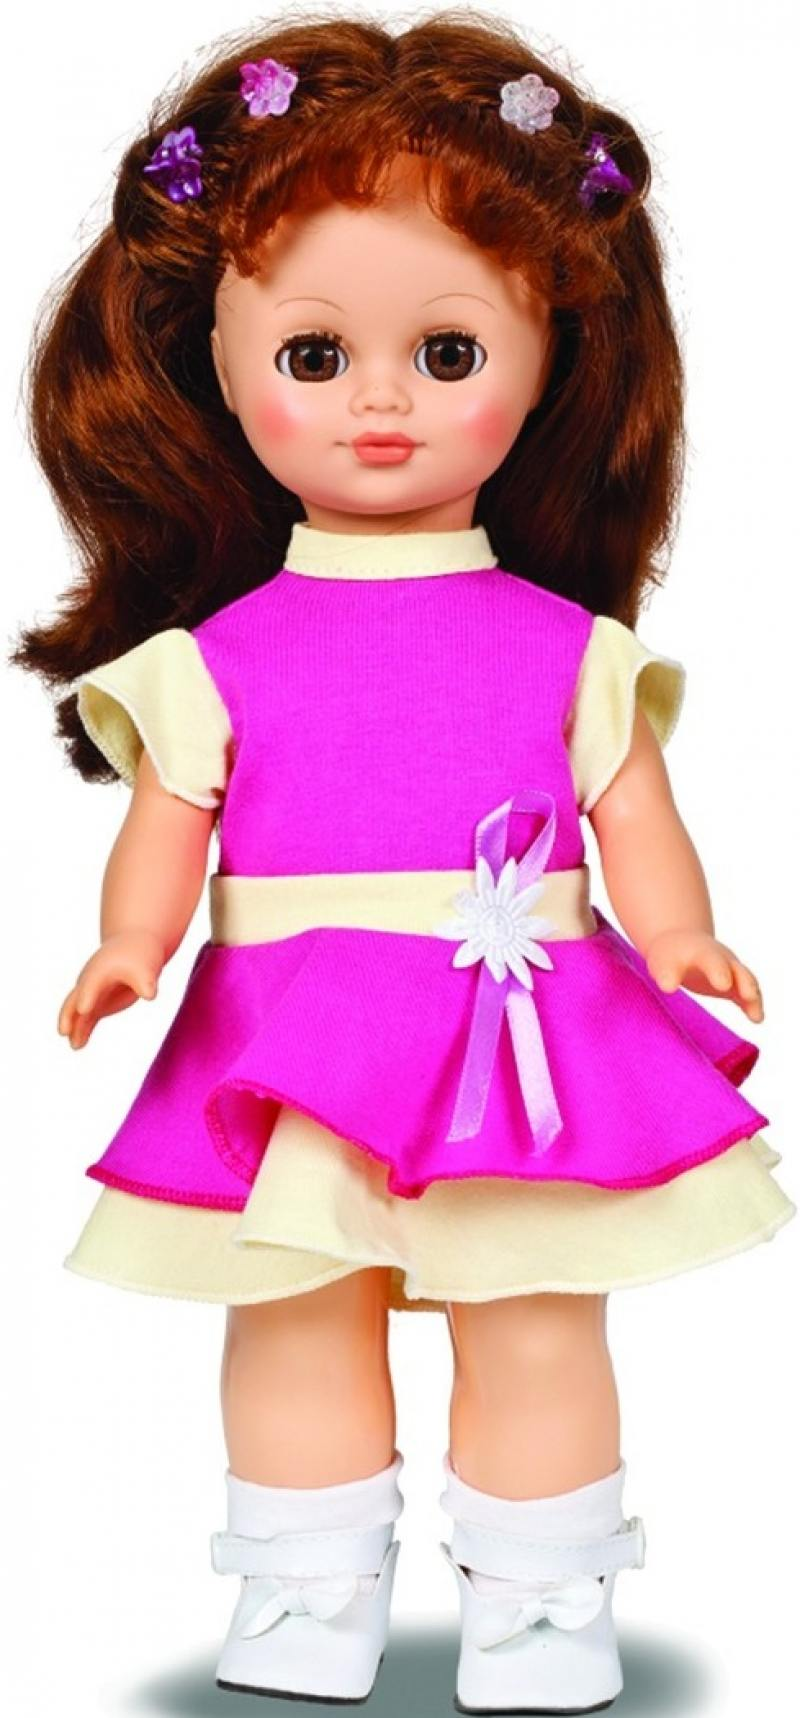 купить Кукла ВЕСНА Олеся 5 (озвученная) В1904/о по цене 708 рублей